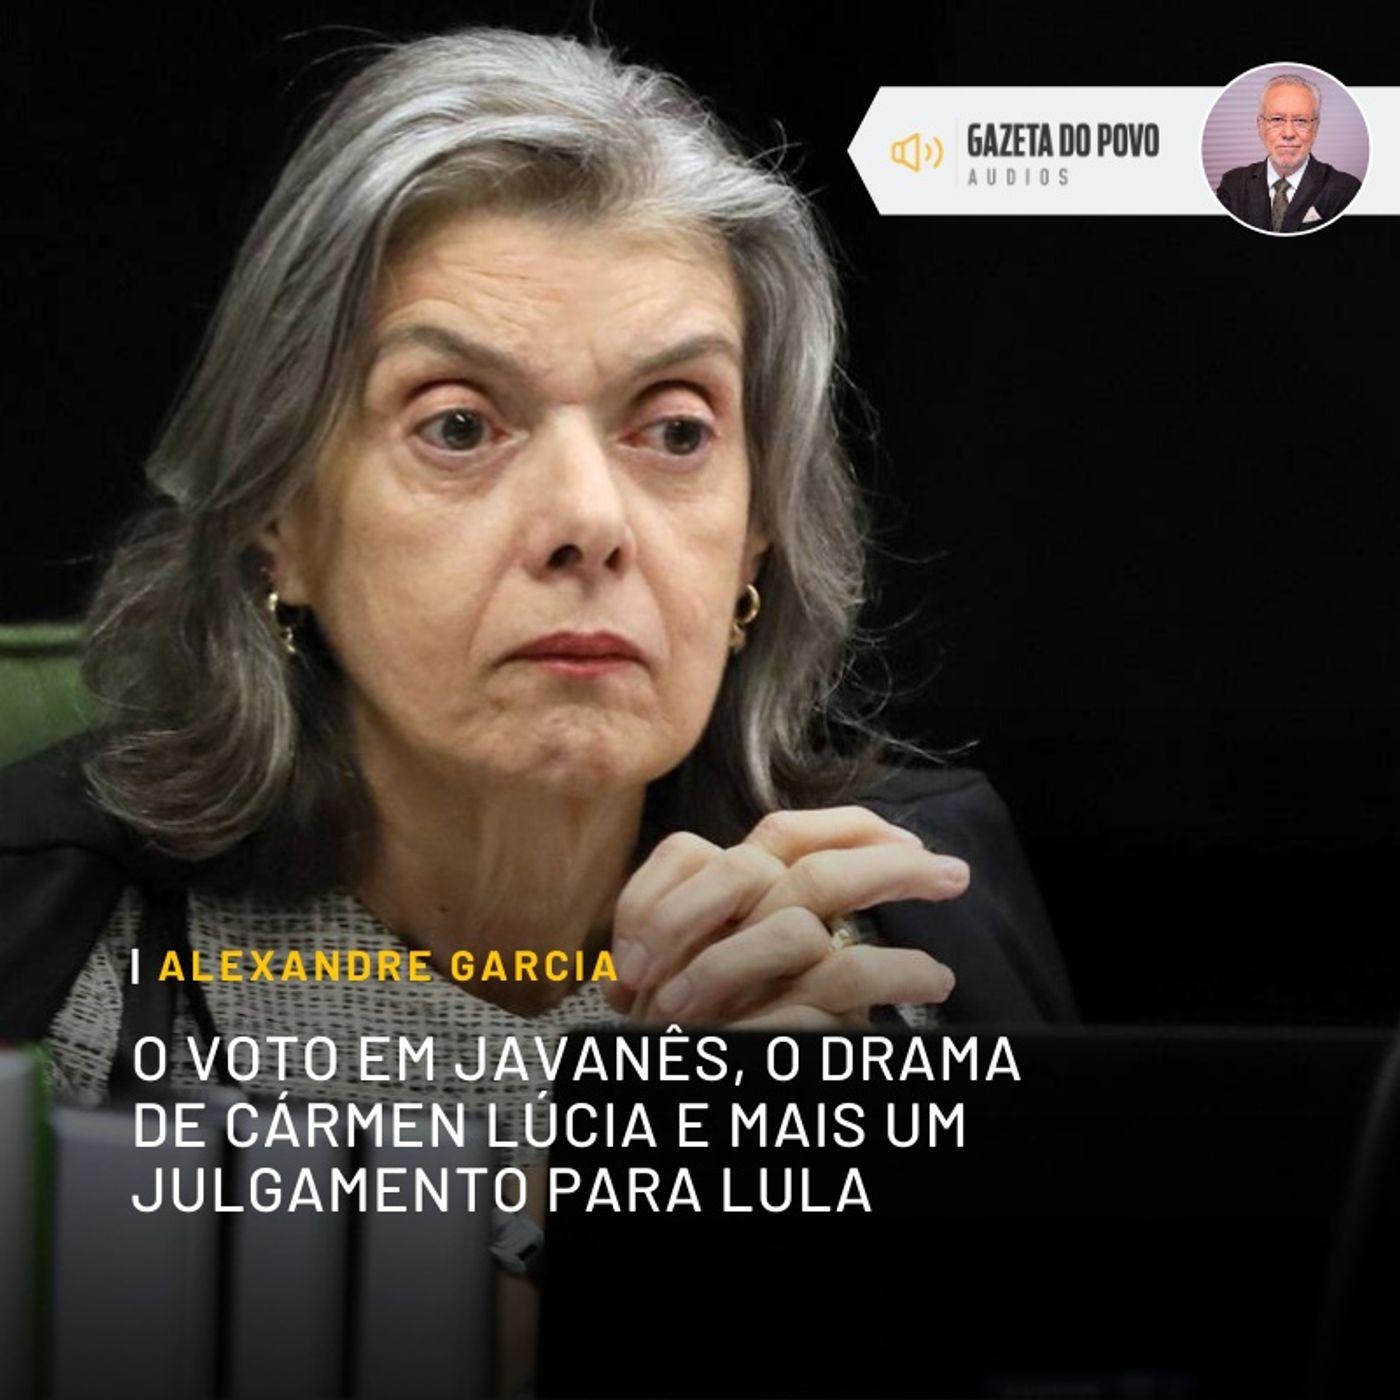 O voto em javanês, o drama de Cármen Lúcia e mais um julgamento para Lula